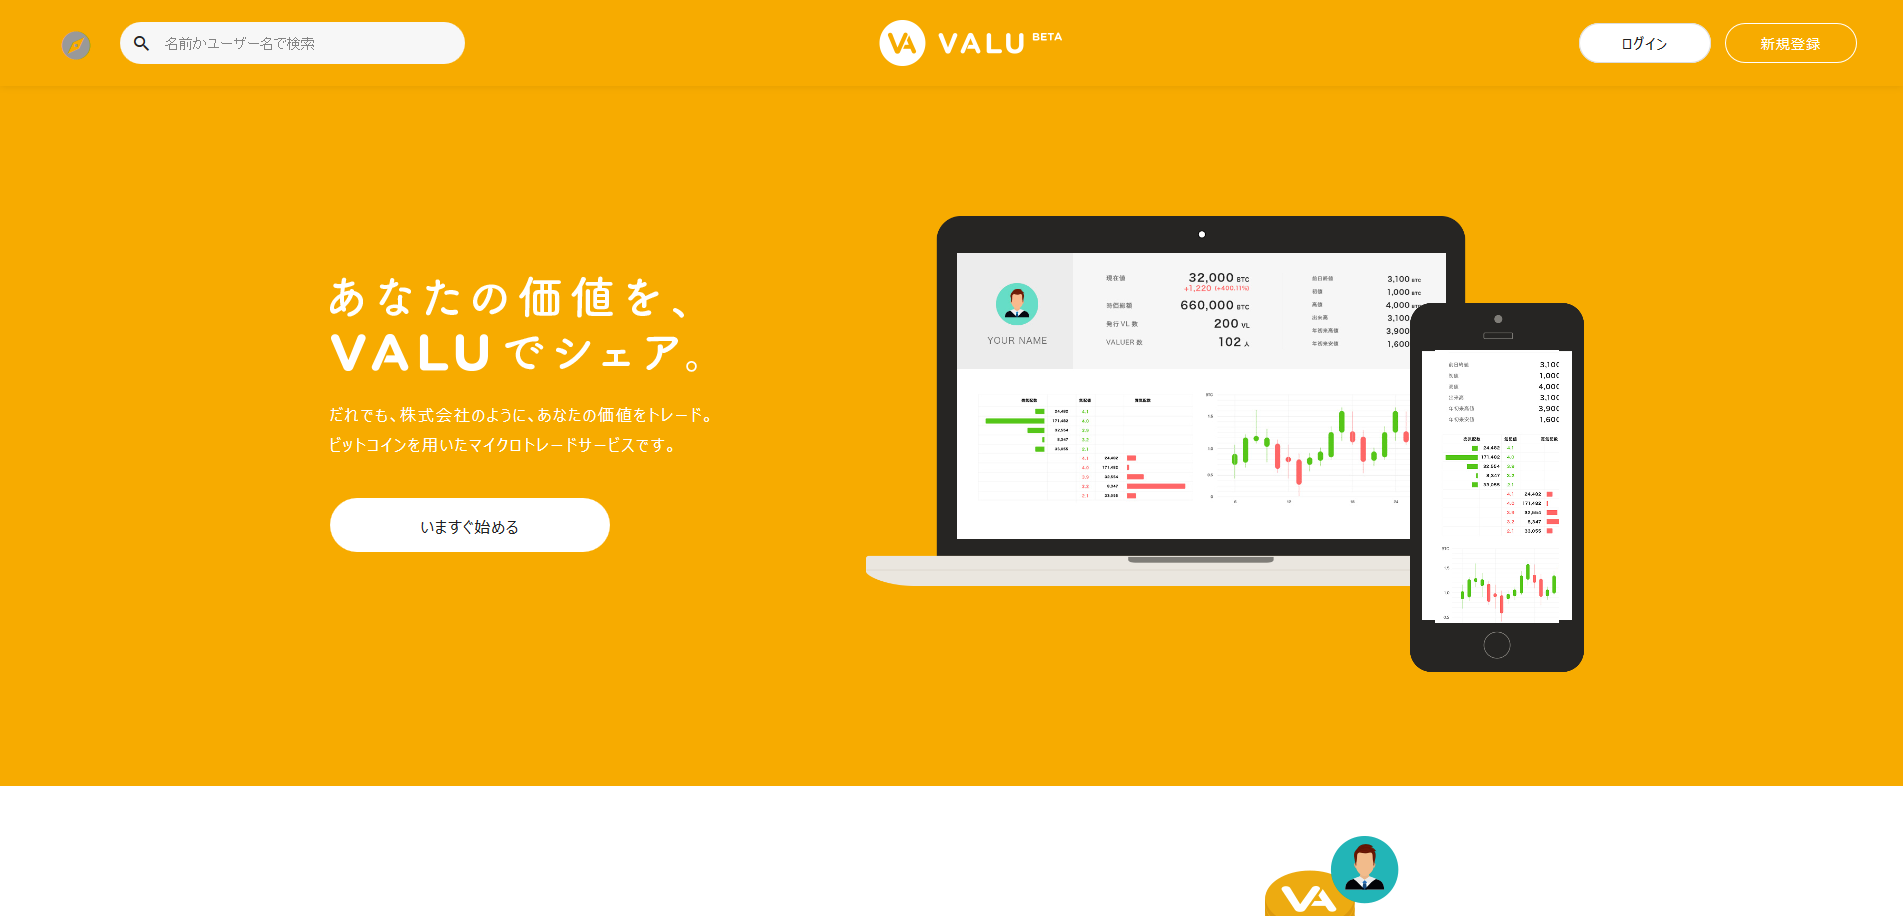 自分の価値を取引できるサービス「VALU」って最近聞くけど実際どうなの?